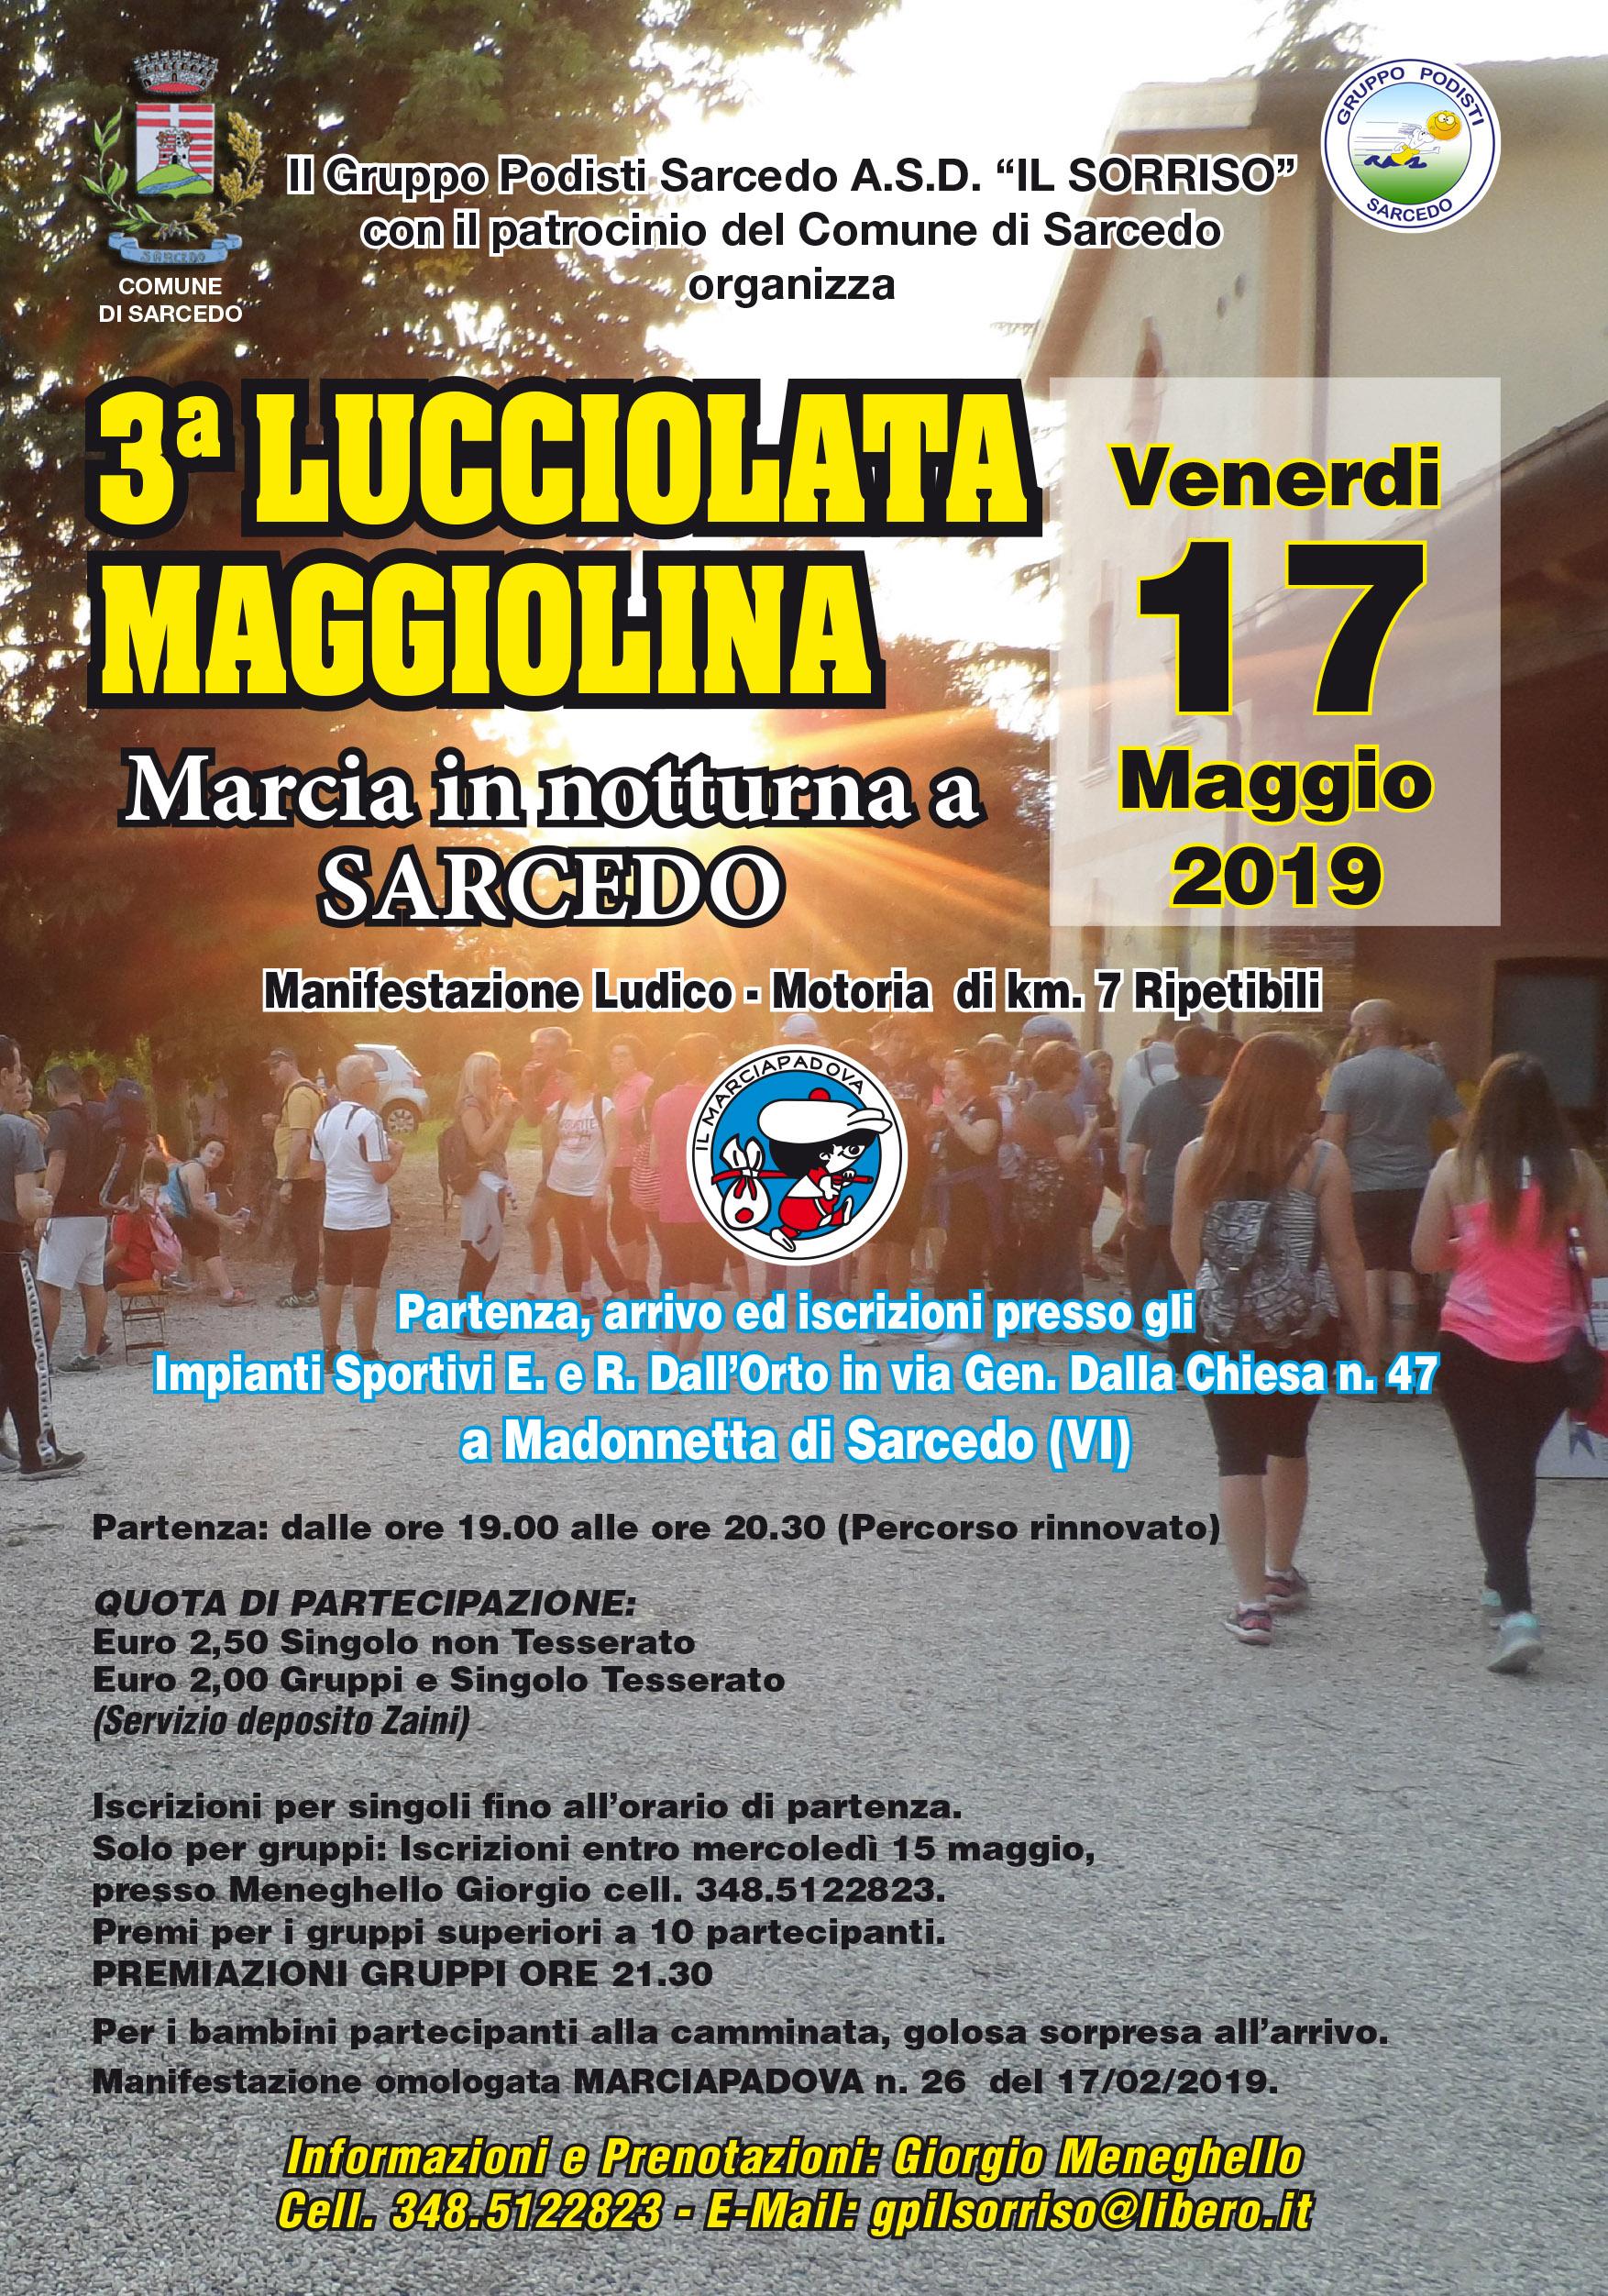 Calendario Marce Fiasp Vicenza 2019.In Evidenza Gruppo Podisti Il Sorriso Sarcedo